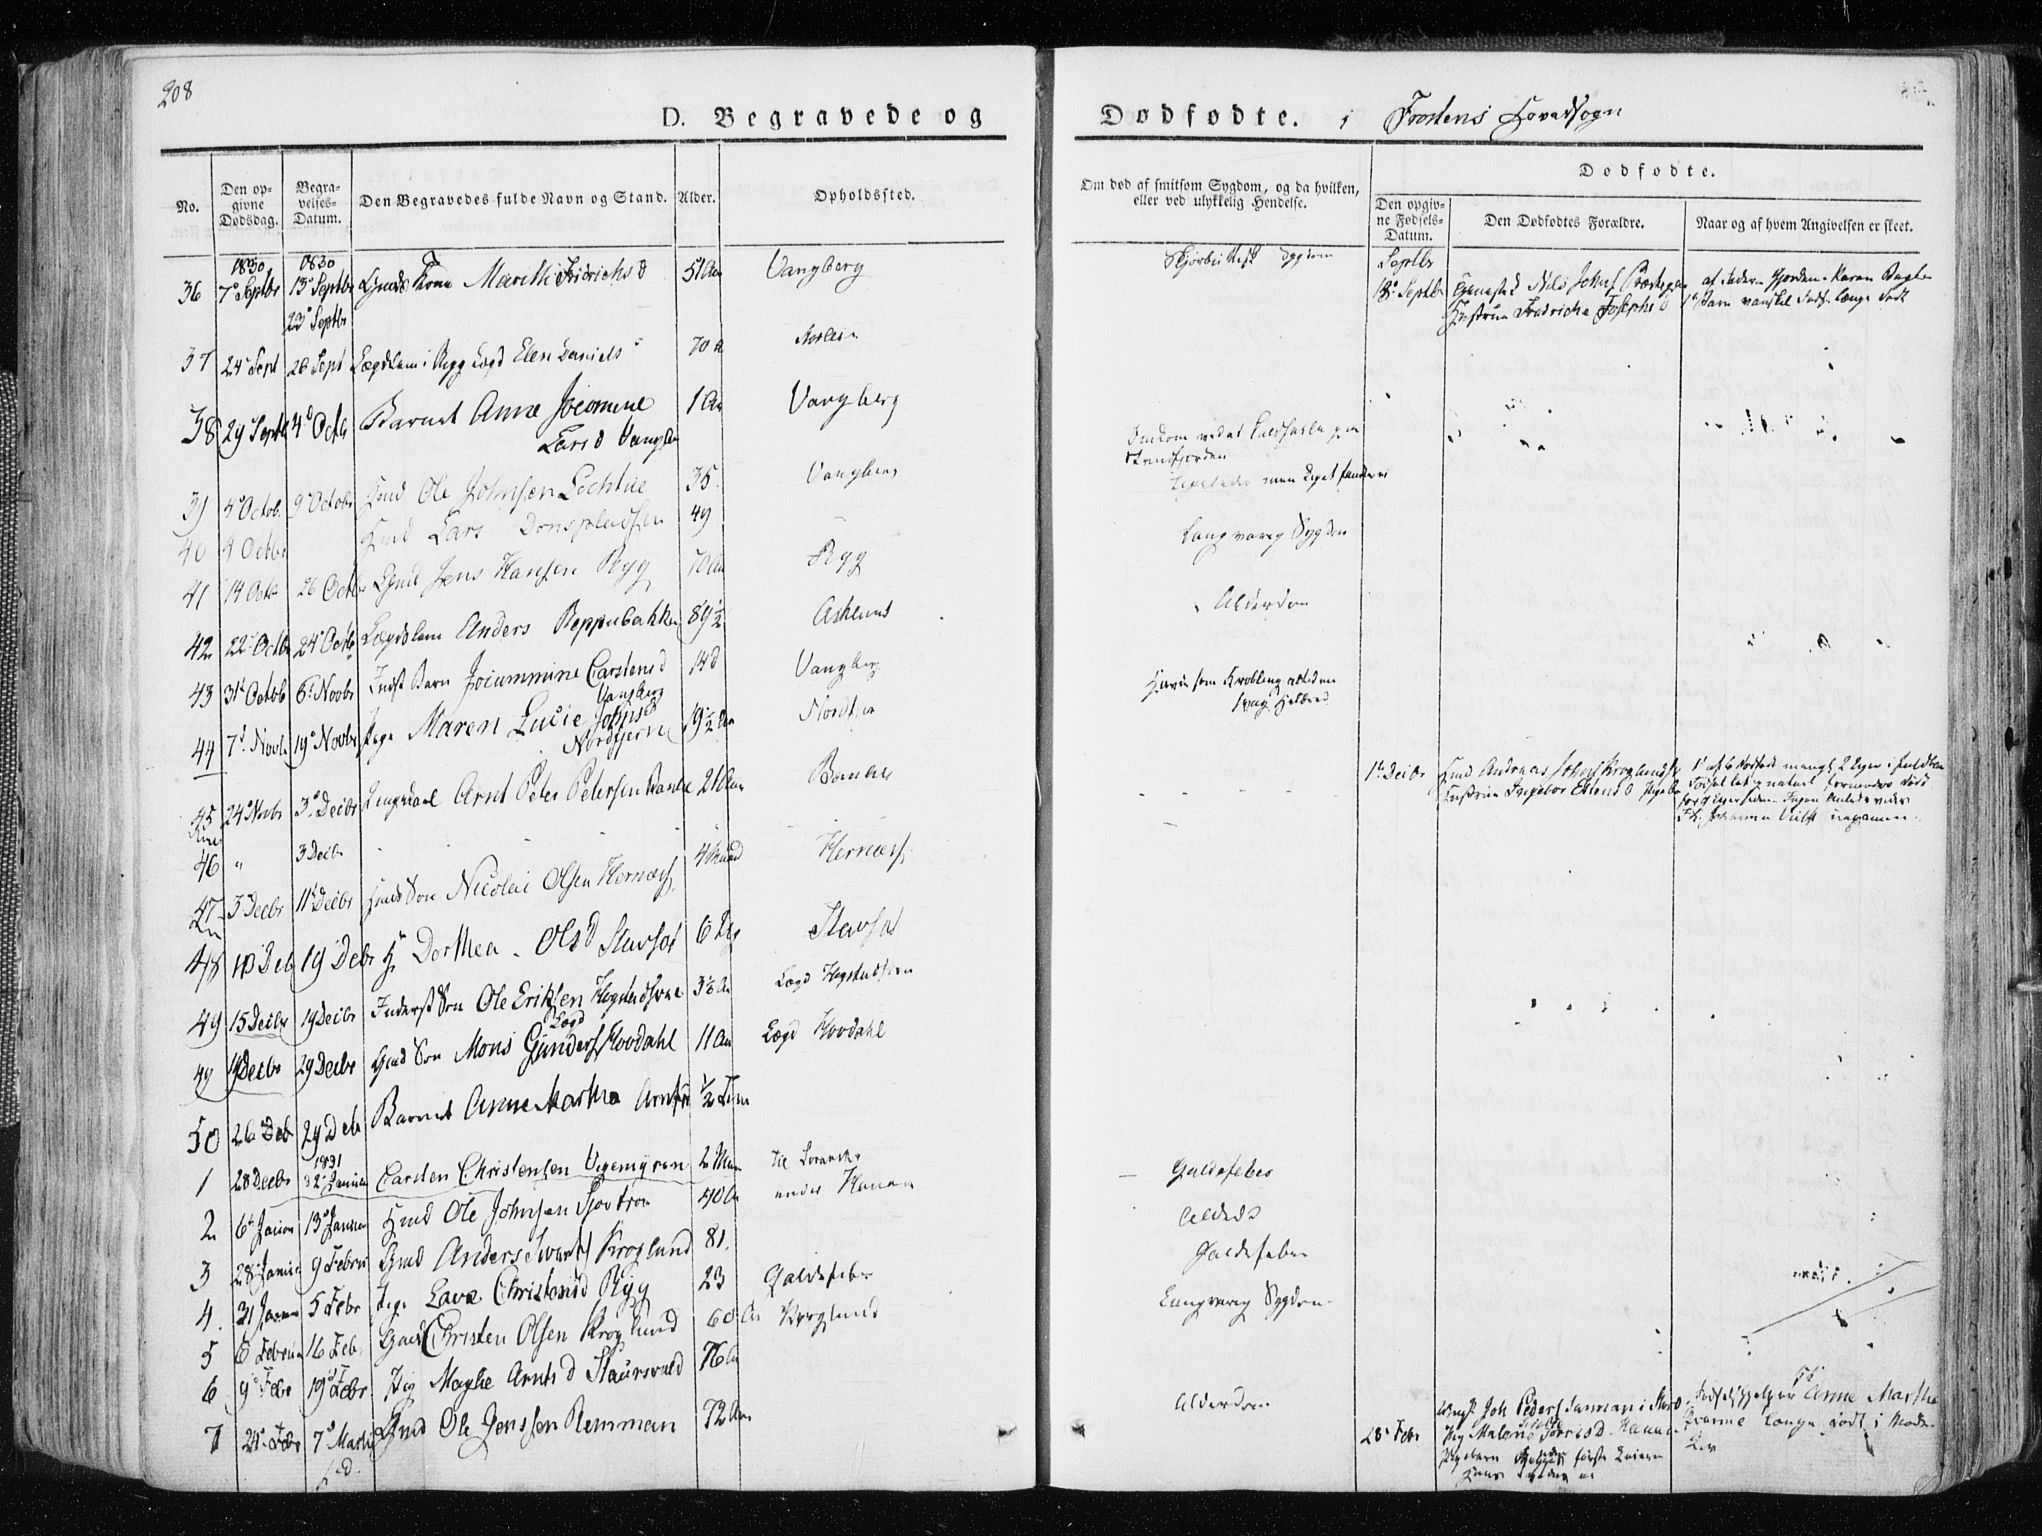 SAT, Ministerialprotokoller, klokkerbøker og fødselsregistre - Nord-Trøndelag, 713/L0114: Ministerialbok nr. 713A05, 1827-1839, s. 208